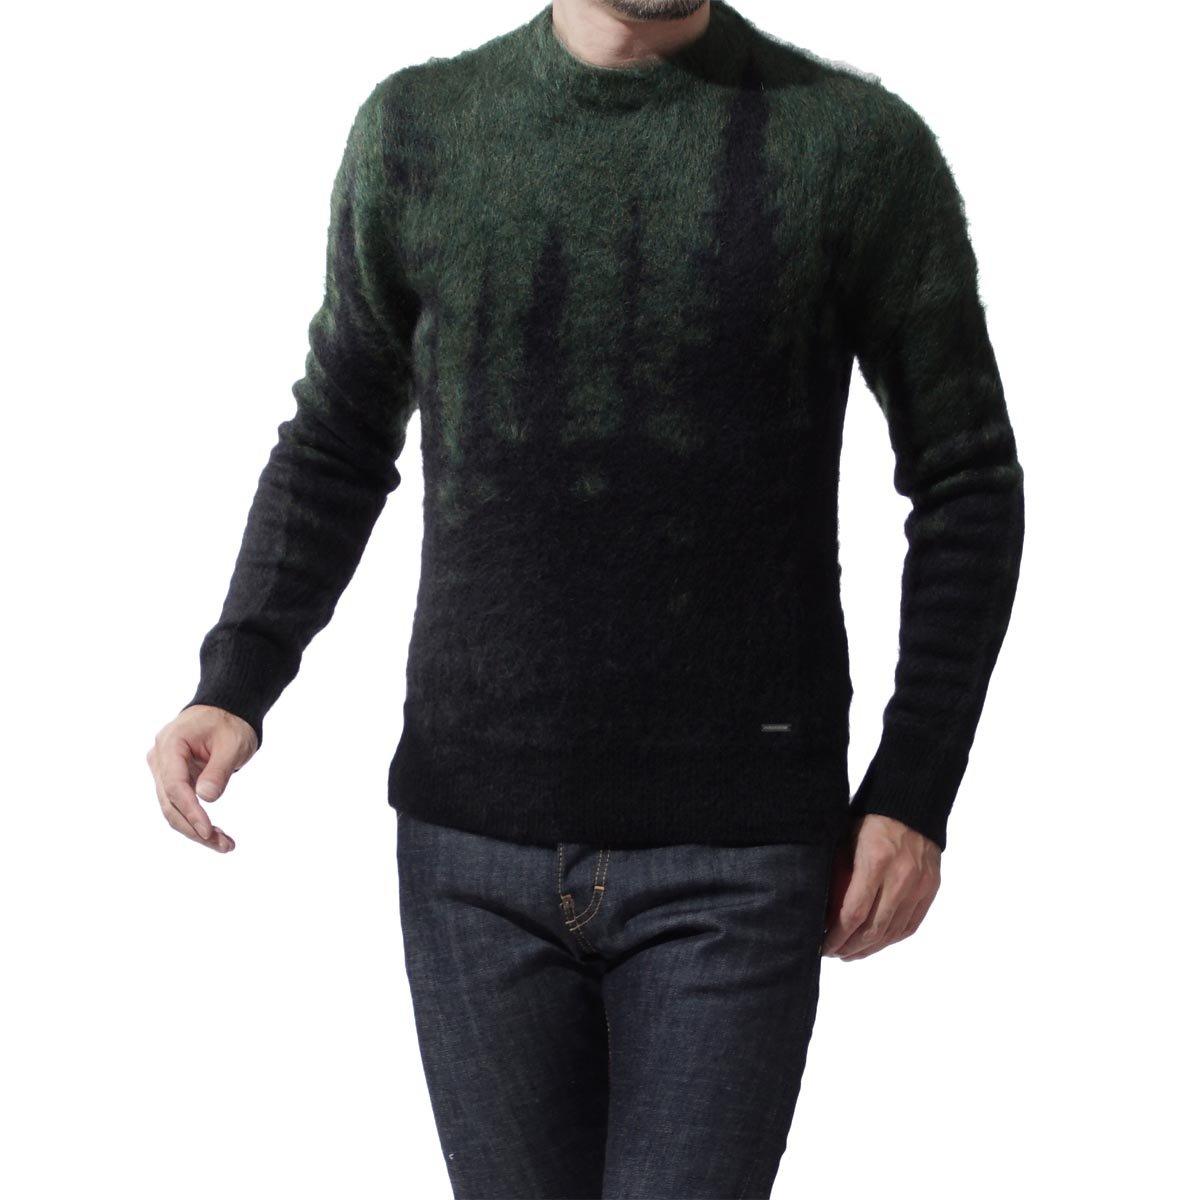 (ディースクエアード) DSQUARED2 モヘア セーター [並行輸入品] B07DHBCMH5 L|ダークグリーン ダークグリーン L